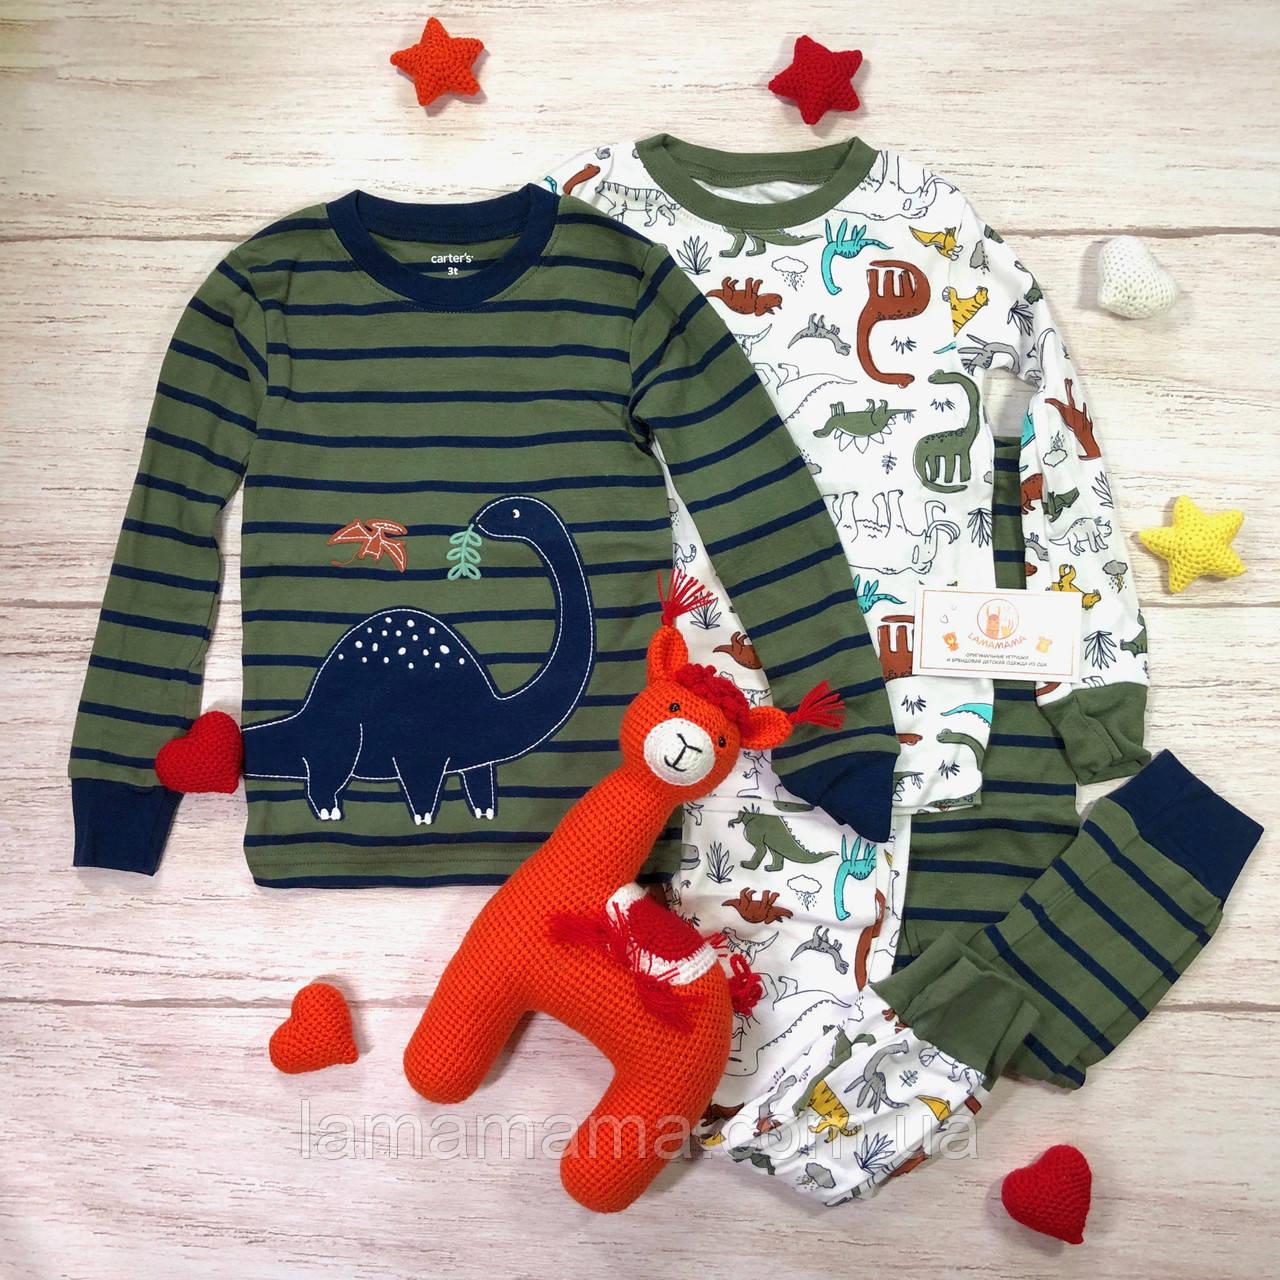 Набор из 2-х пижам Динозавр Картерс Carters 4-Piece Dinosaur Snug Fit Cotton PJs 5Т (105-110 см; 17-19 кг)